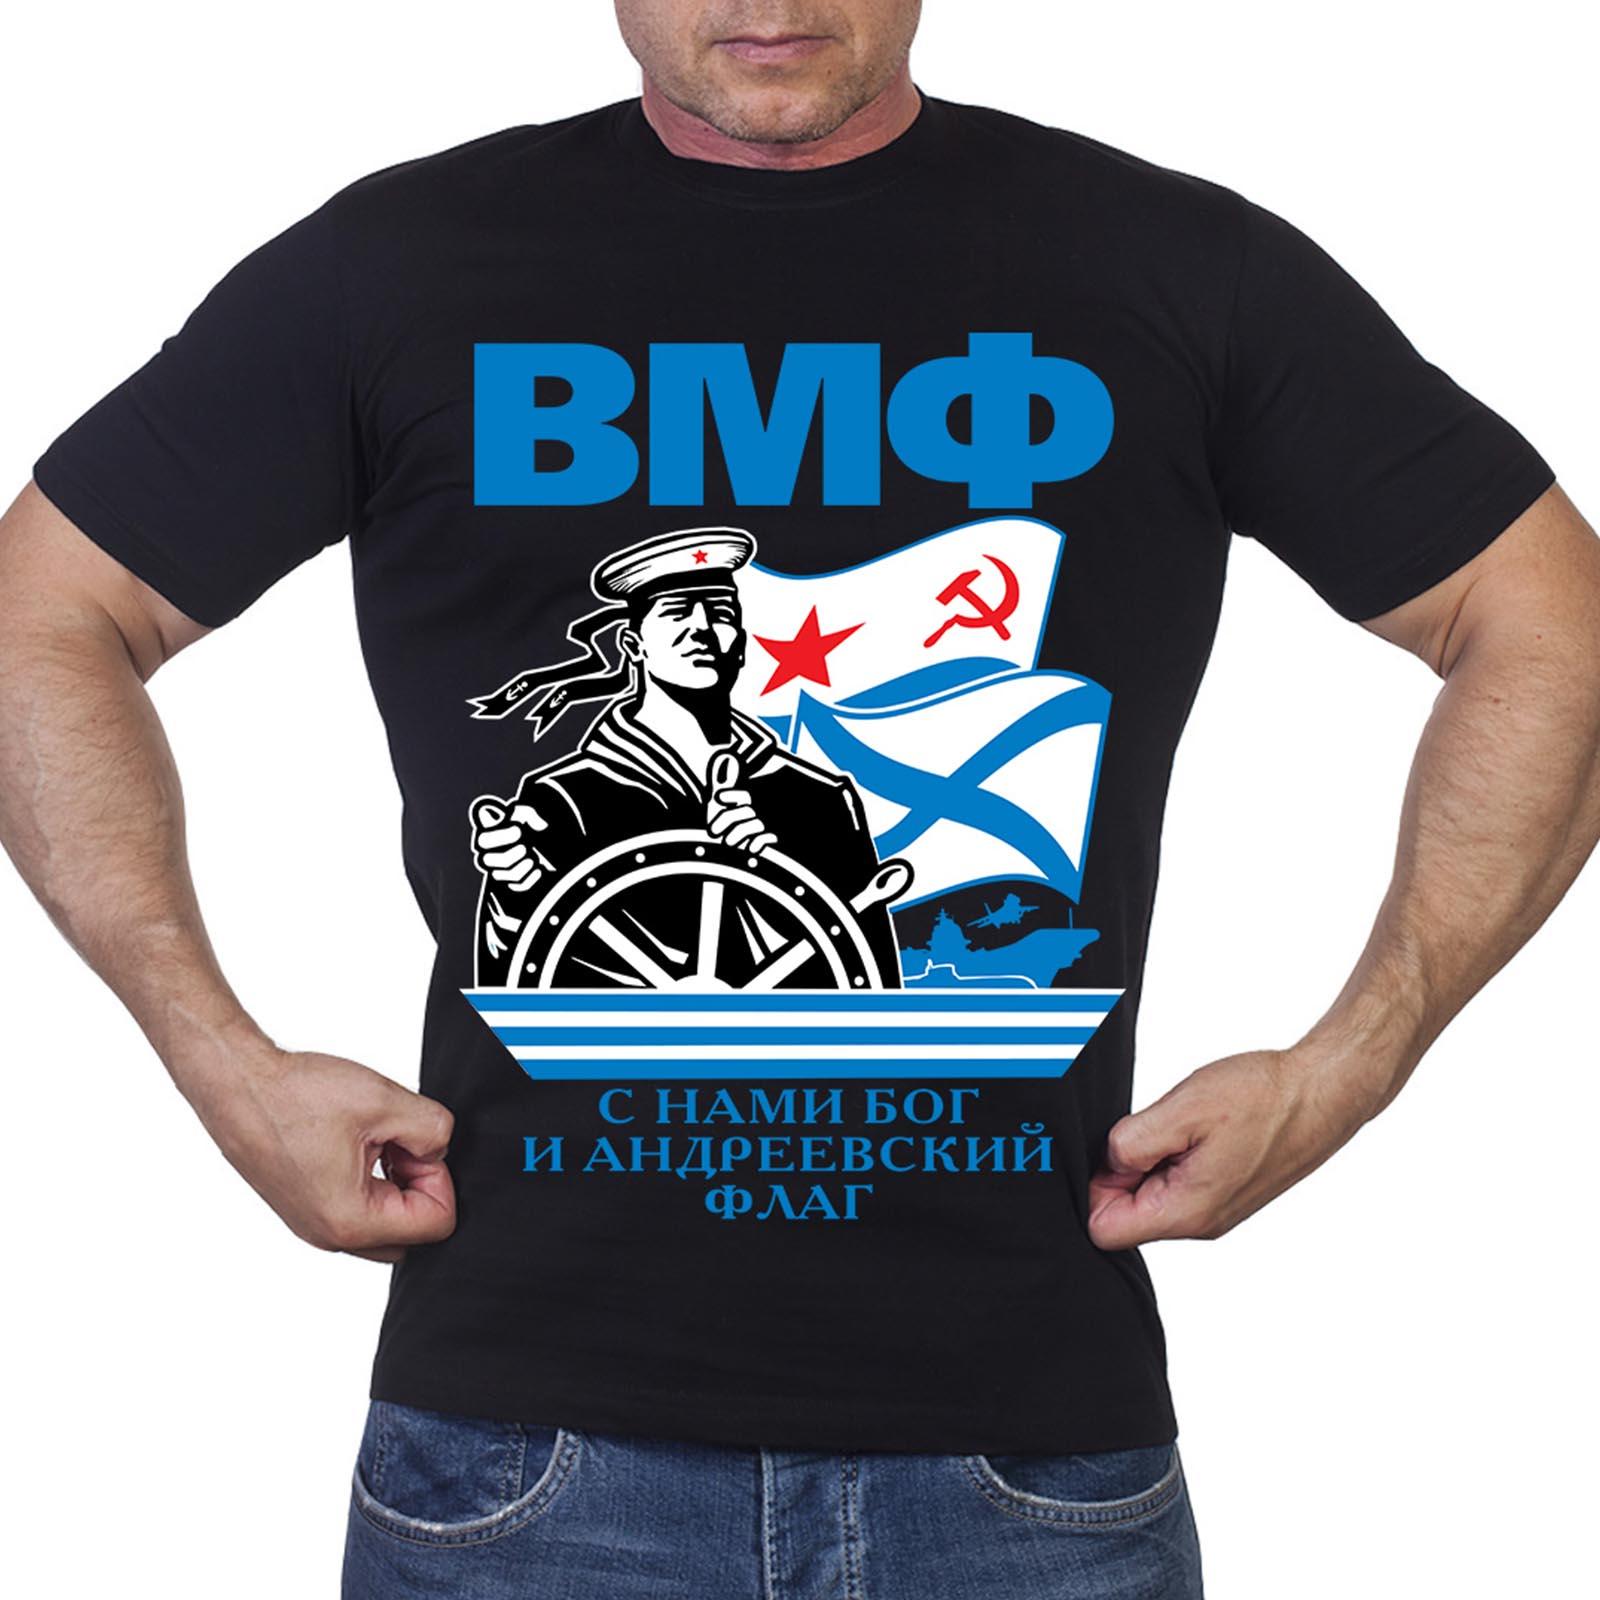 Купить футболку «ВМФ» в стиле милитари